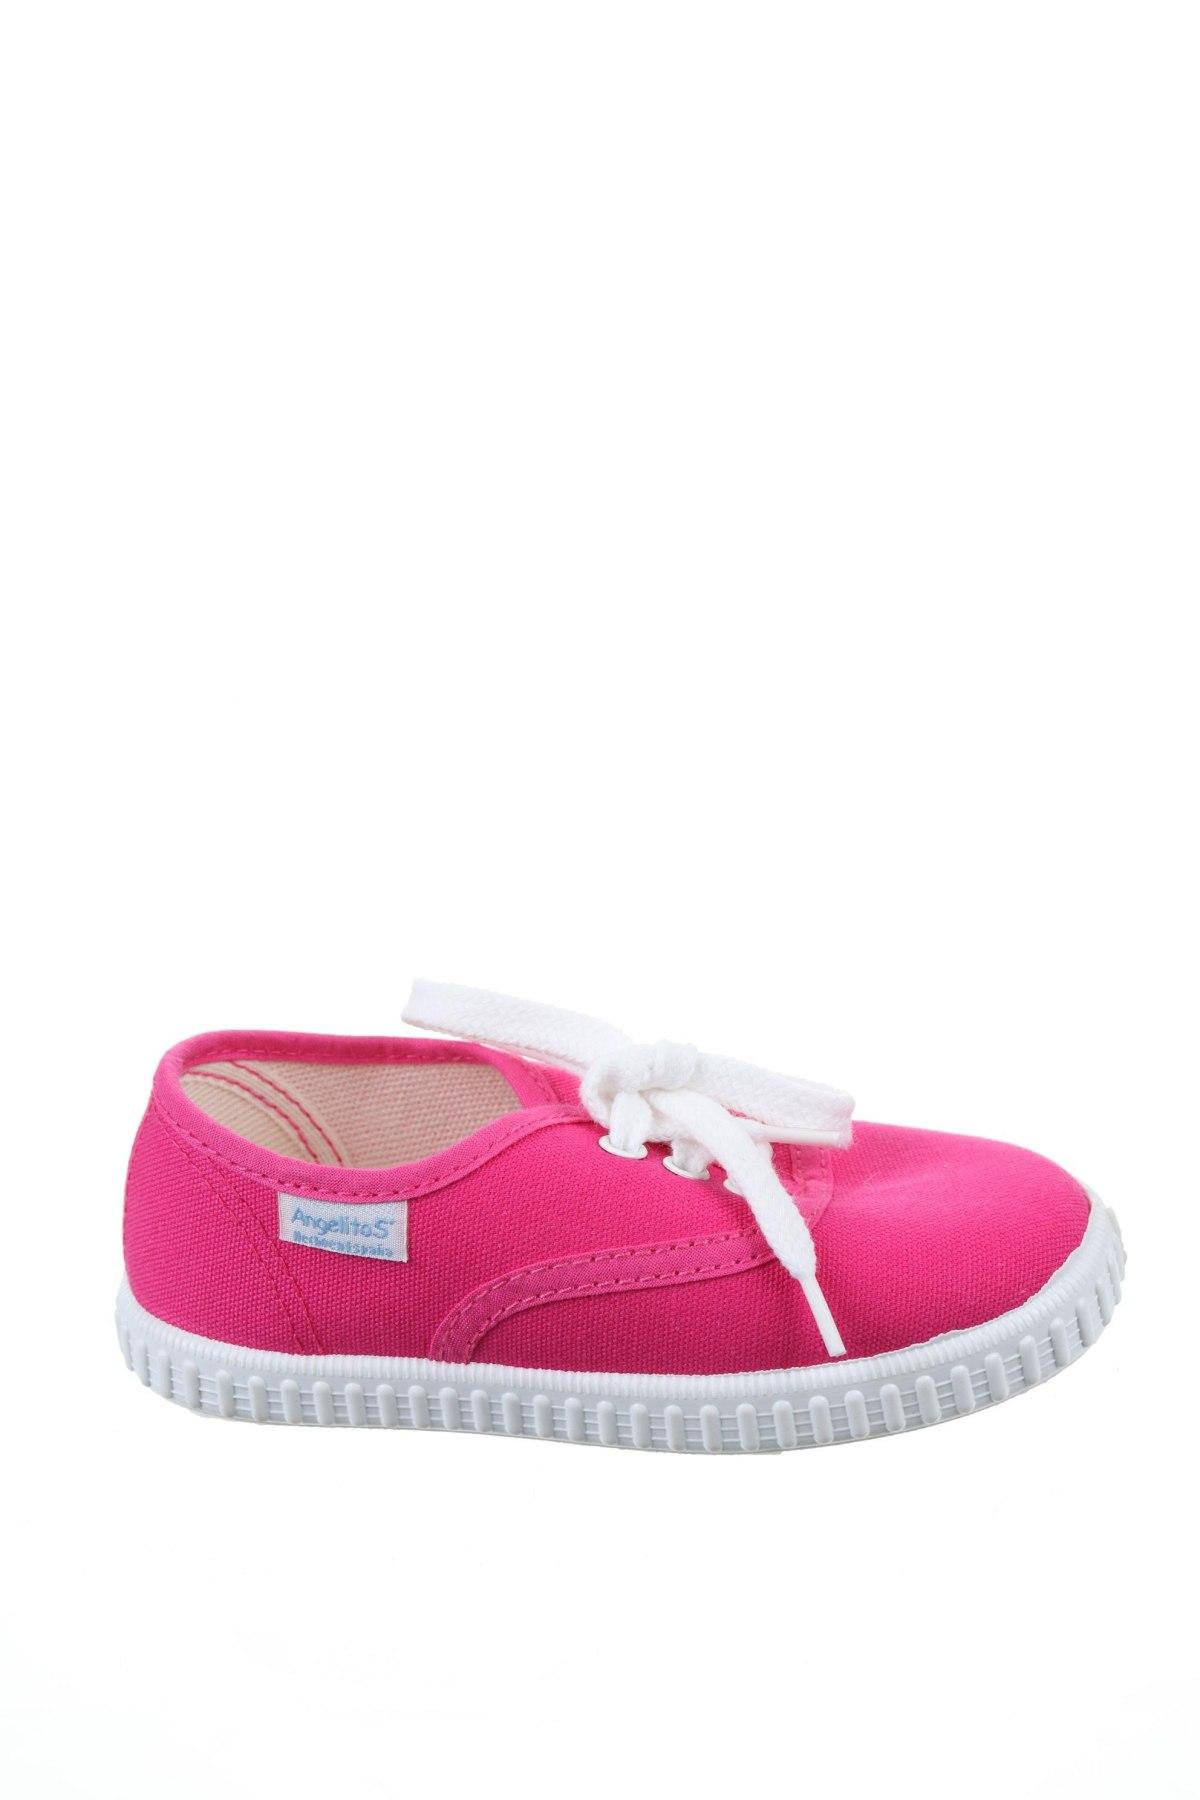 Детски обувки Angelitos, Размер 26, Цвят Розов, Текстил, Цена 36,75лв.